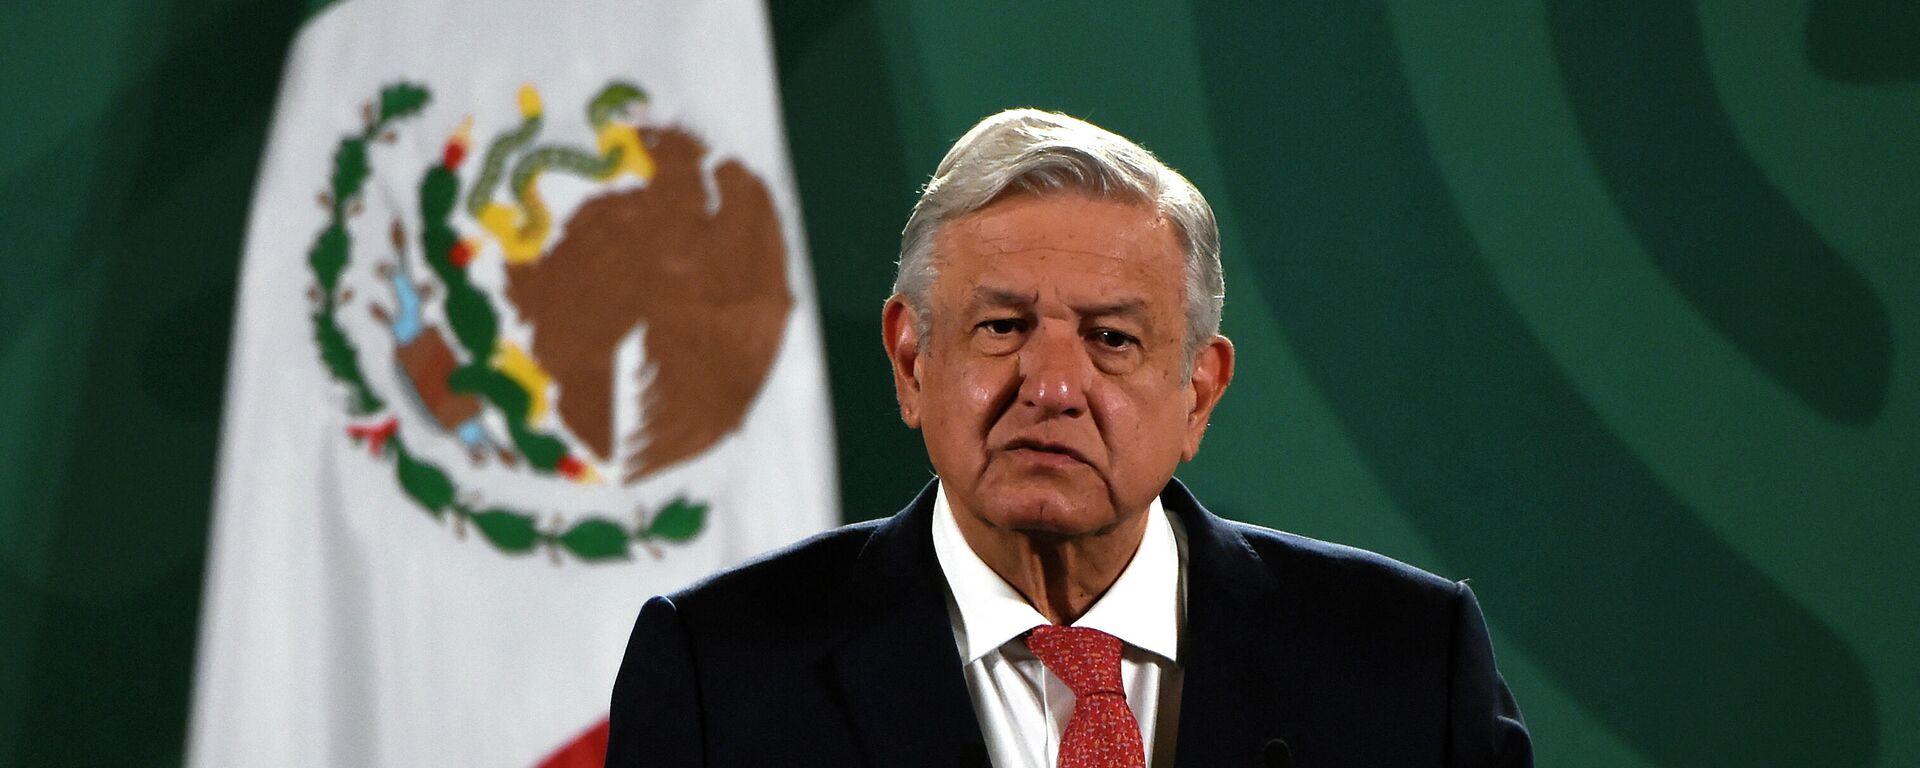 Andrés Manuel López Obrador, presidente de México - Sputnik Mundo, 1920, 13.09.2021